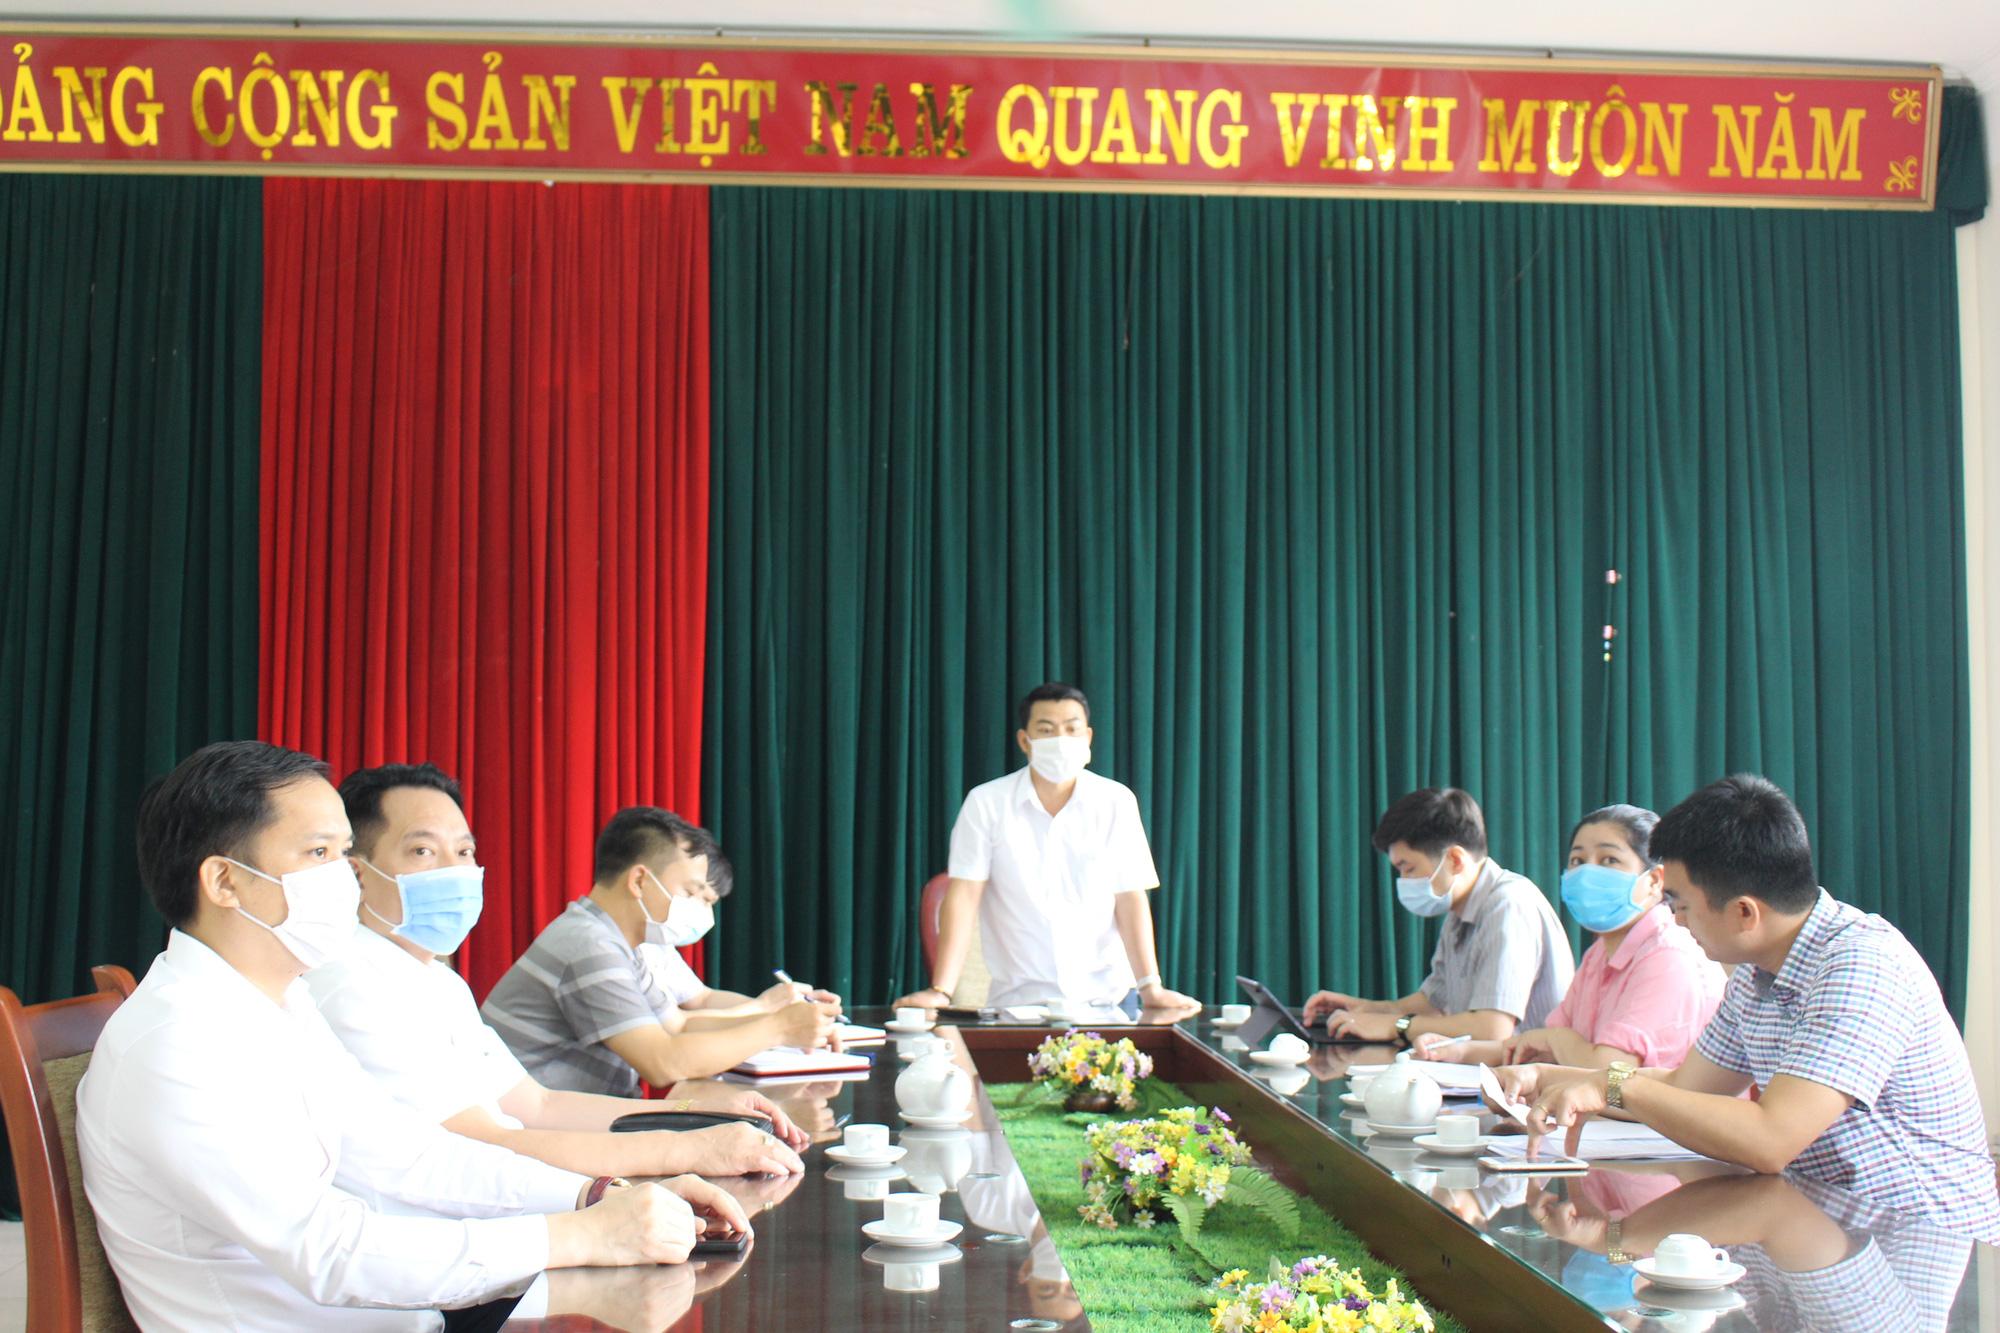 Thái Nguyên chính thức mở hồ sơ quan tâm dự án Khu công nghệ thông tin tập trung gần 3.000 tỷ đồng - Ảnh 1.